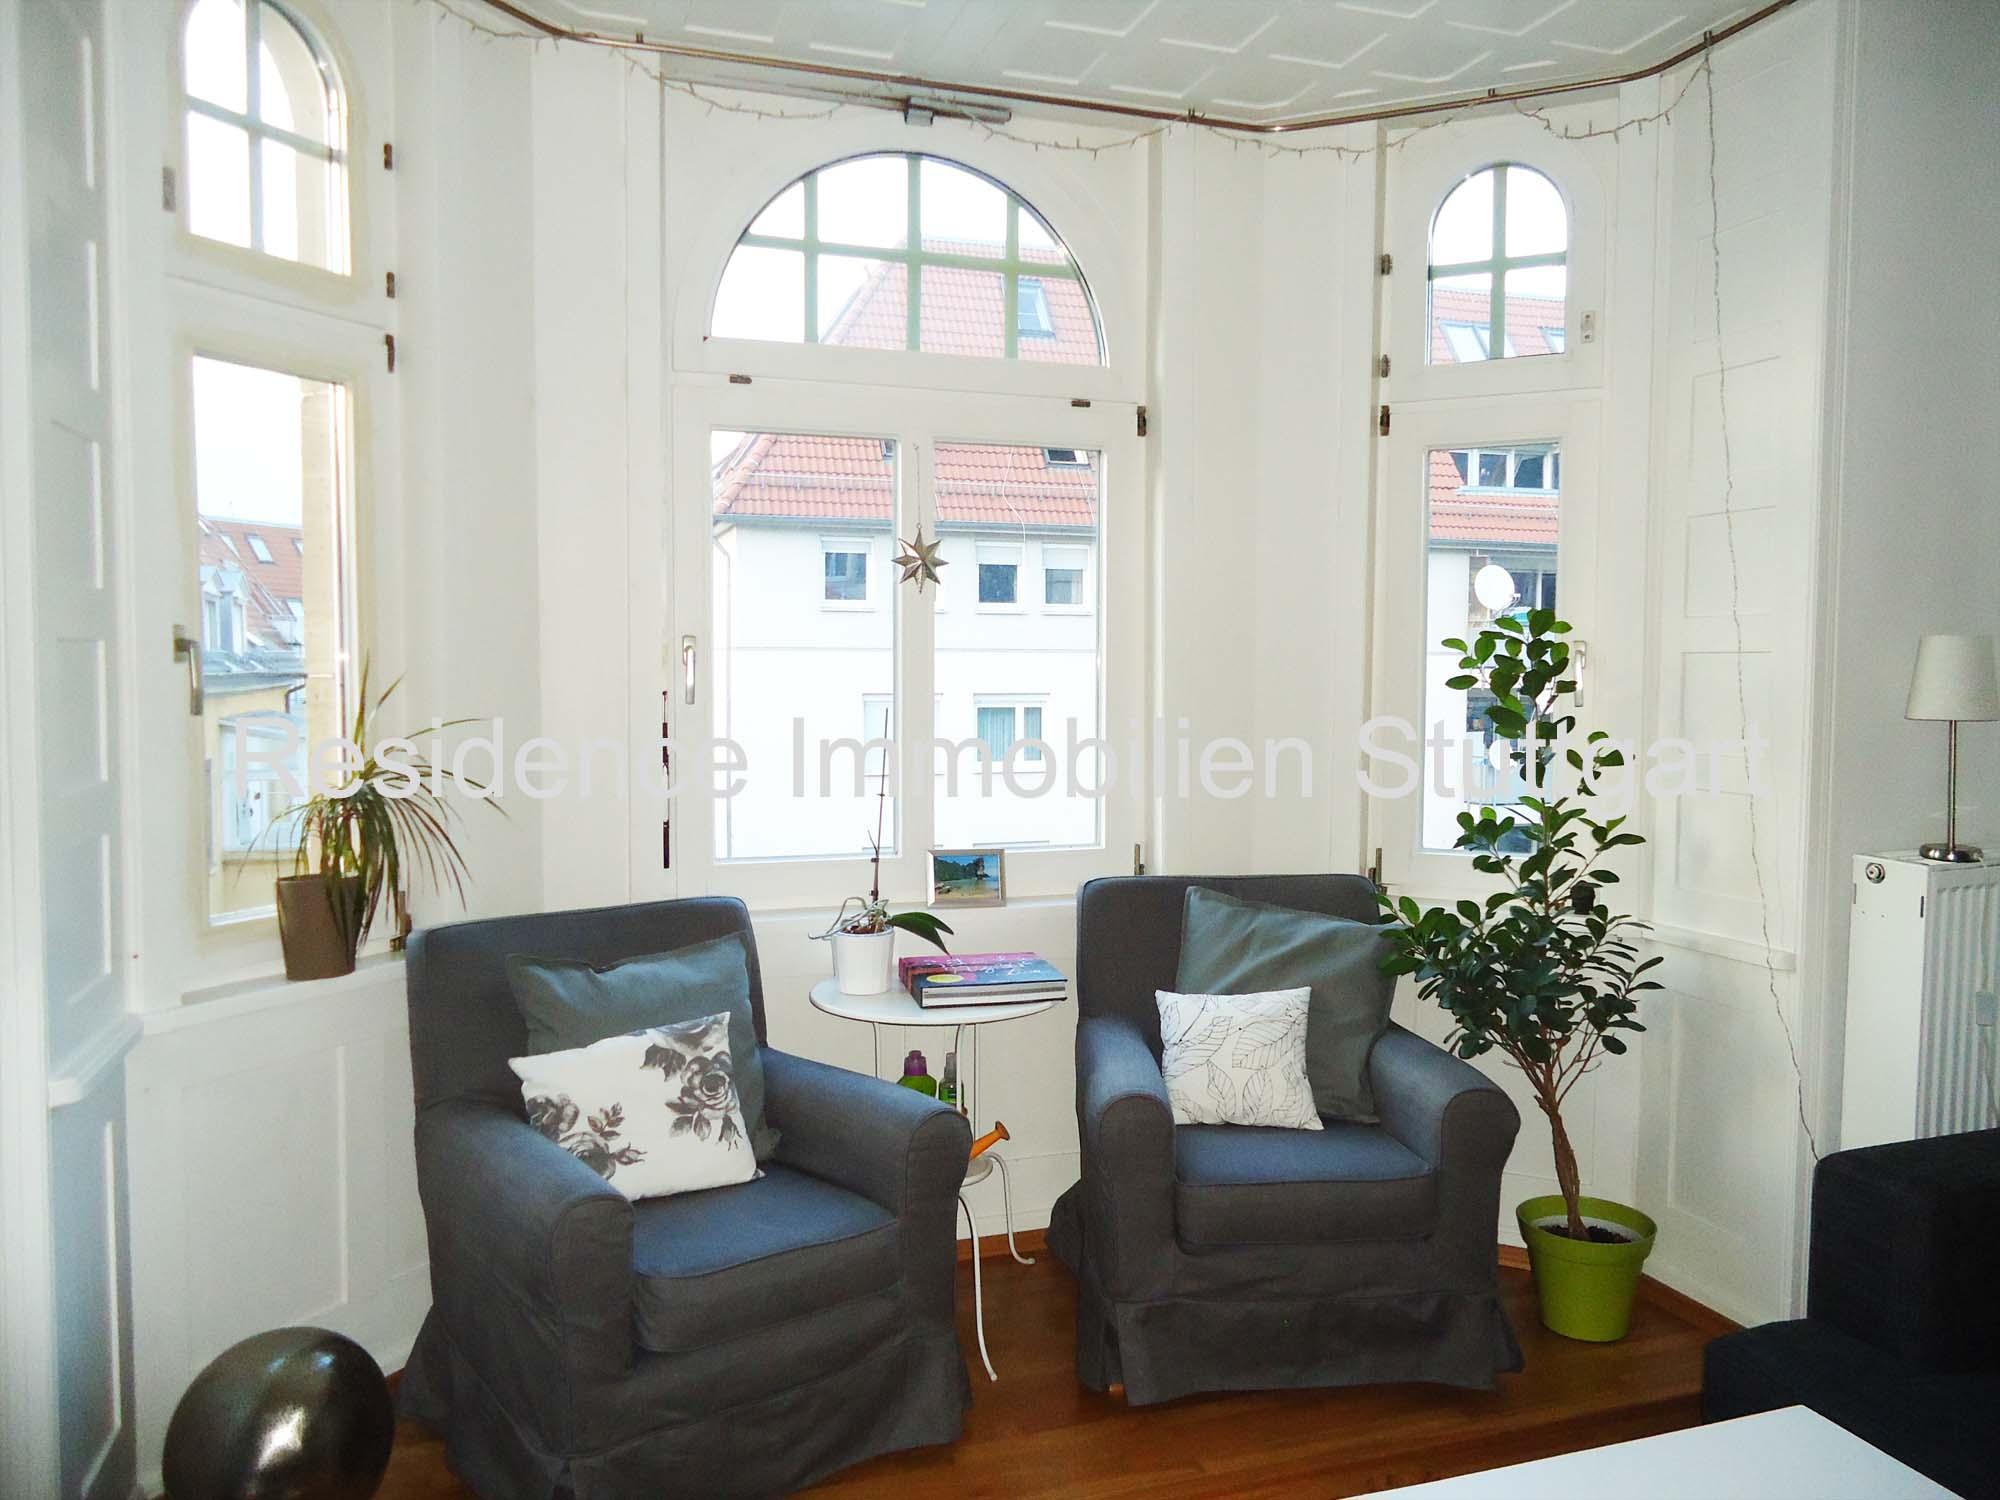 stilvolle wundersch ne 3 zimmer altbauwohnung mit balkon und stuck in zentrumsnaher lage. Black Bedroom Furniture Sets. Home Design Ideas